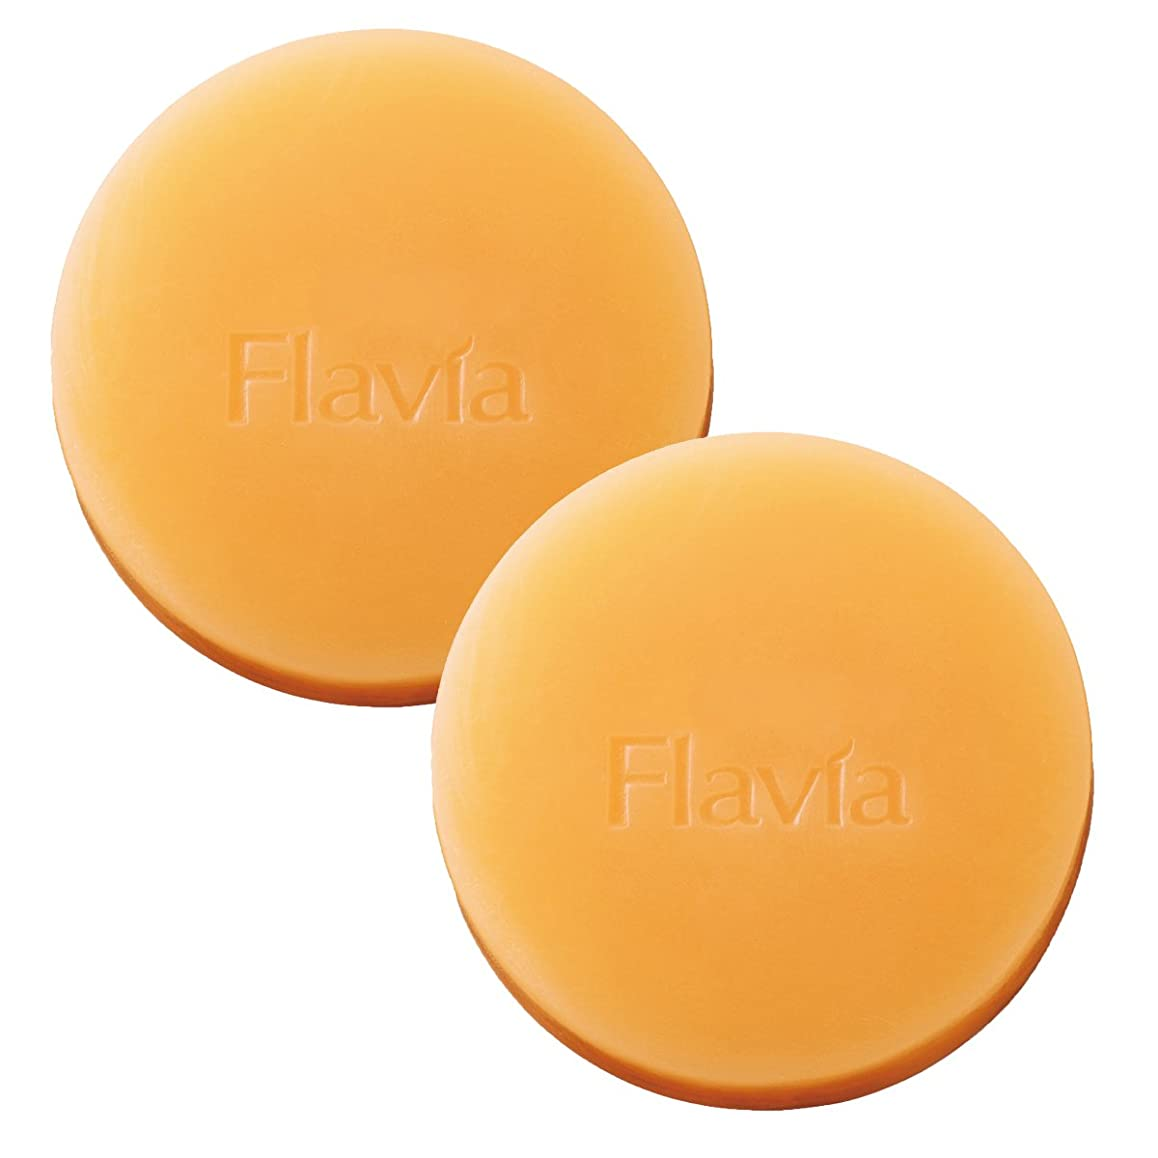 主要なずるい耳フォーマルクライン 薬用 フラビア ソープ 夜用 2個セット 洗顔 石けん